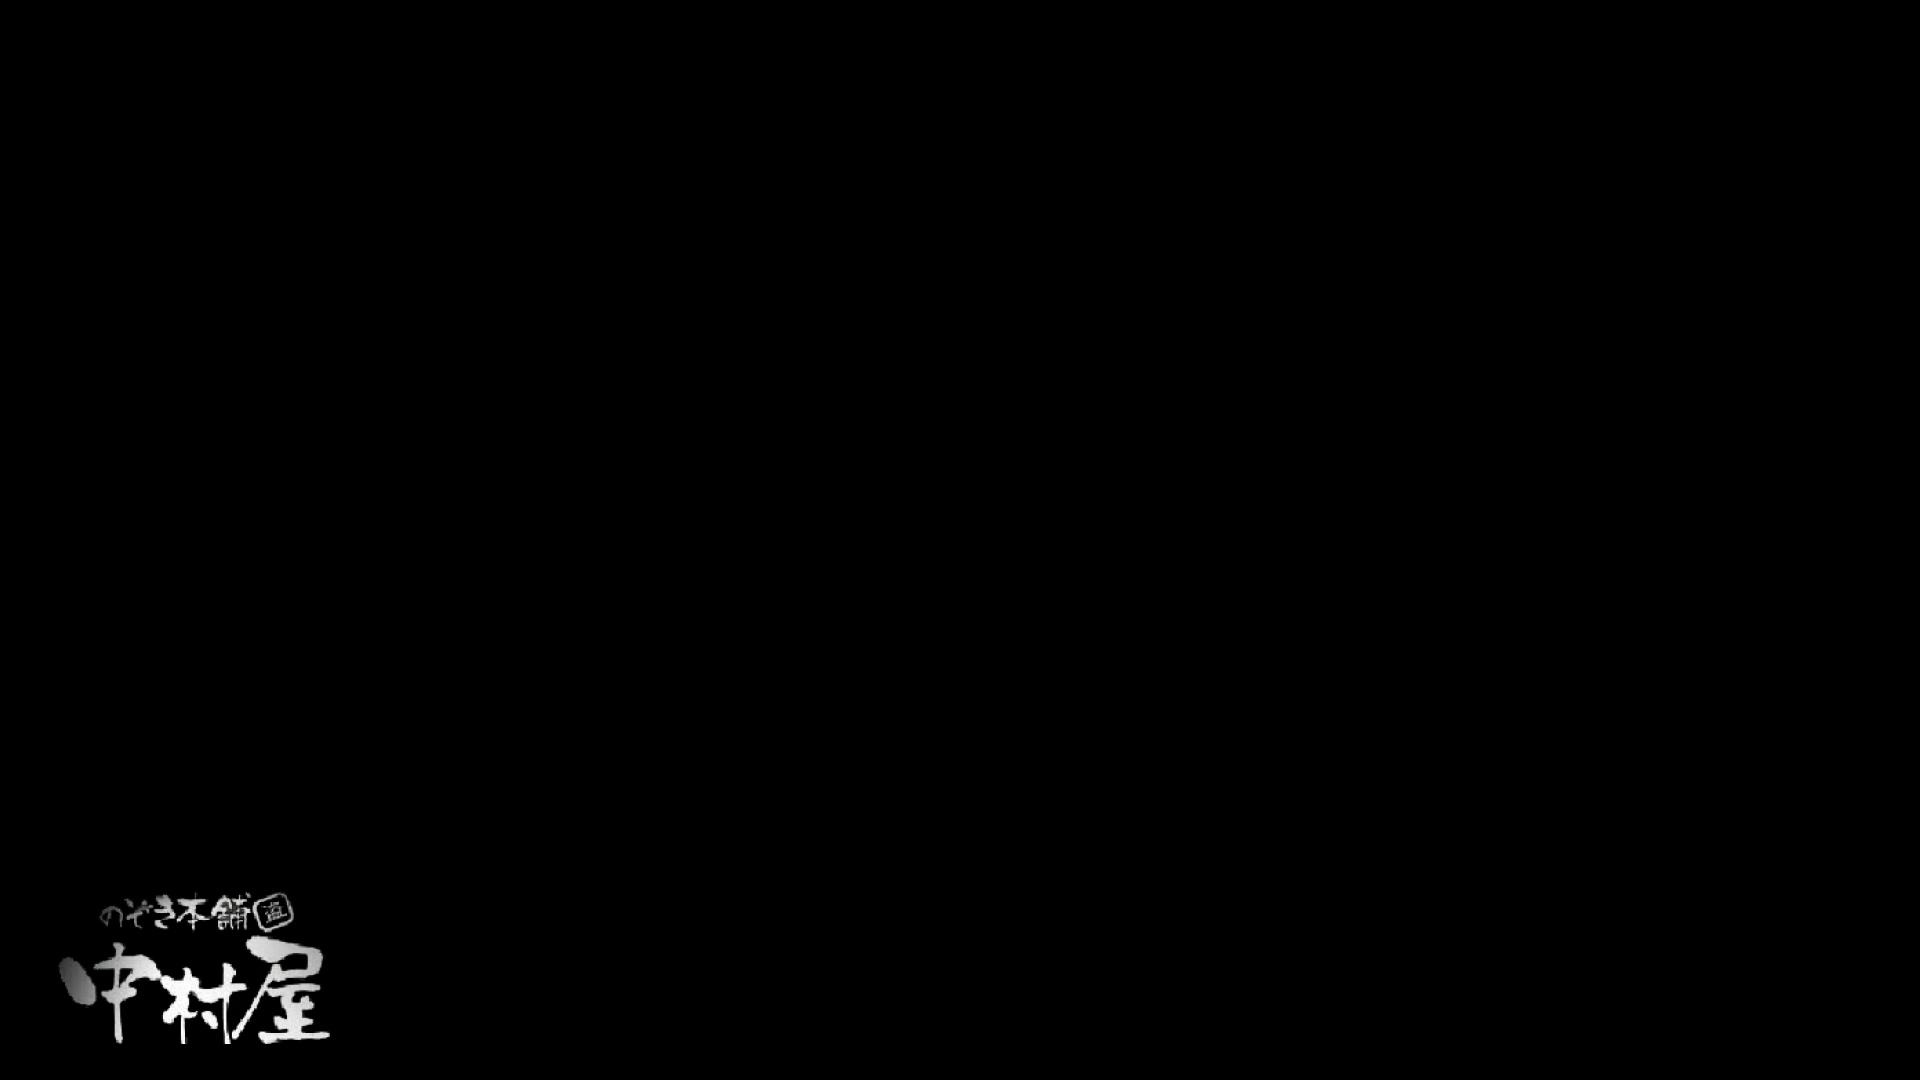 都内某大学病院編 和式イ更所盗撮 その⑪ 4名 エッチな盗撮 オマンコ無修正動画無料 102pic 86